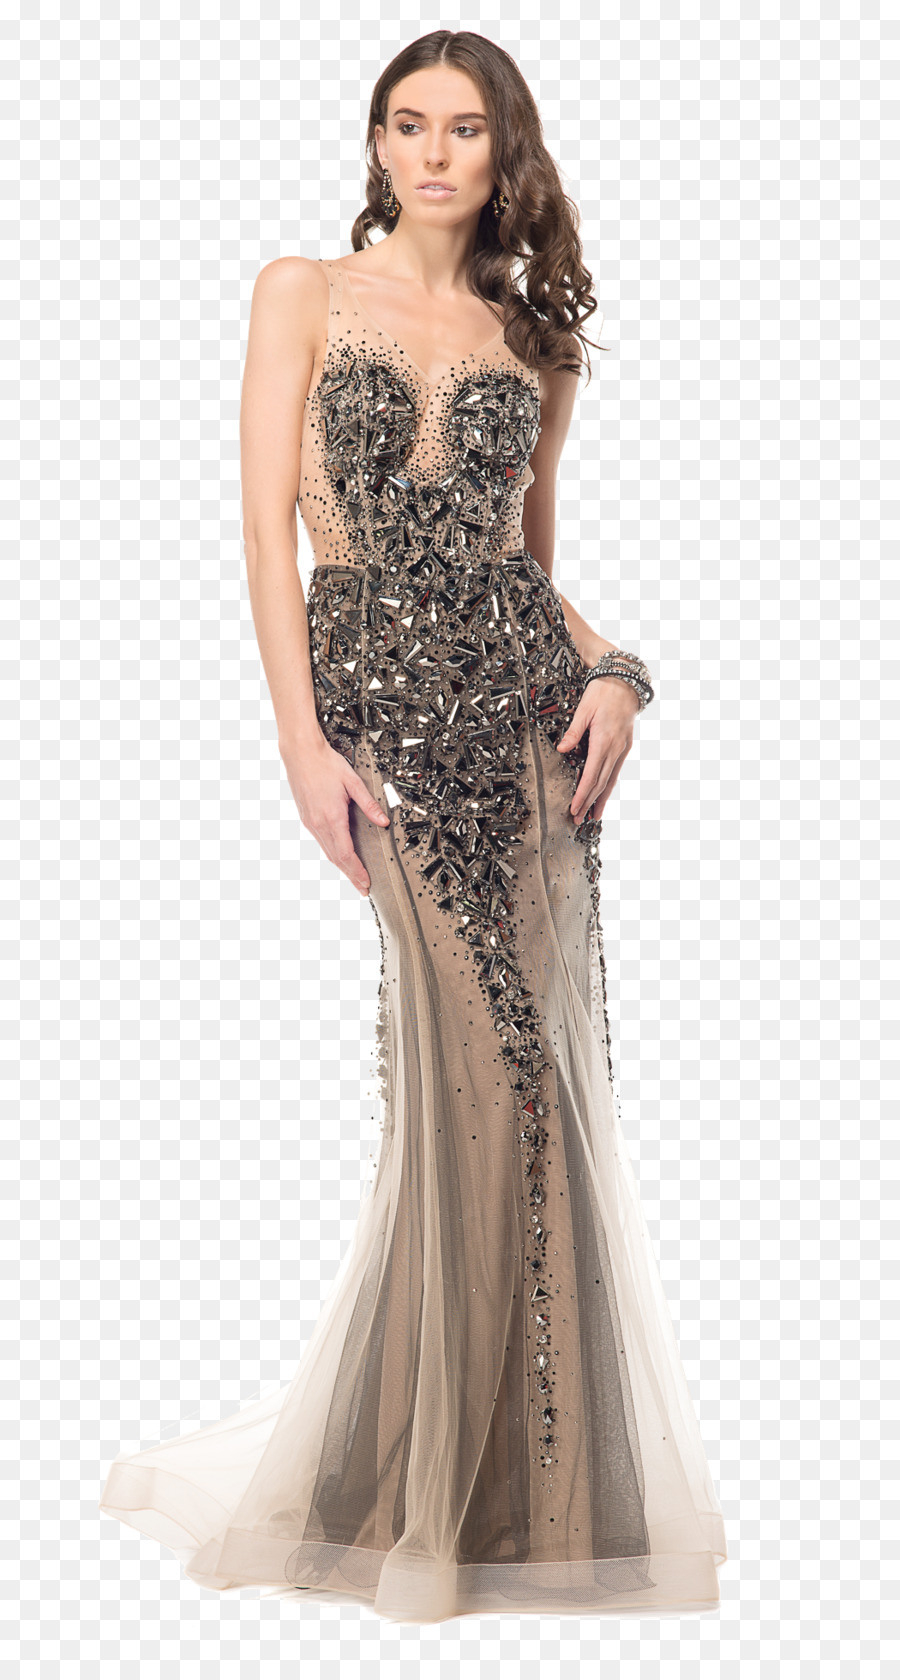 Formal Einzigartig Abendkleid Transparent Vertrieb10 Coolste Abendkleid Transparent Ärmel